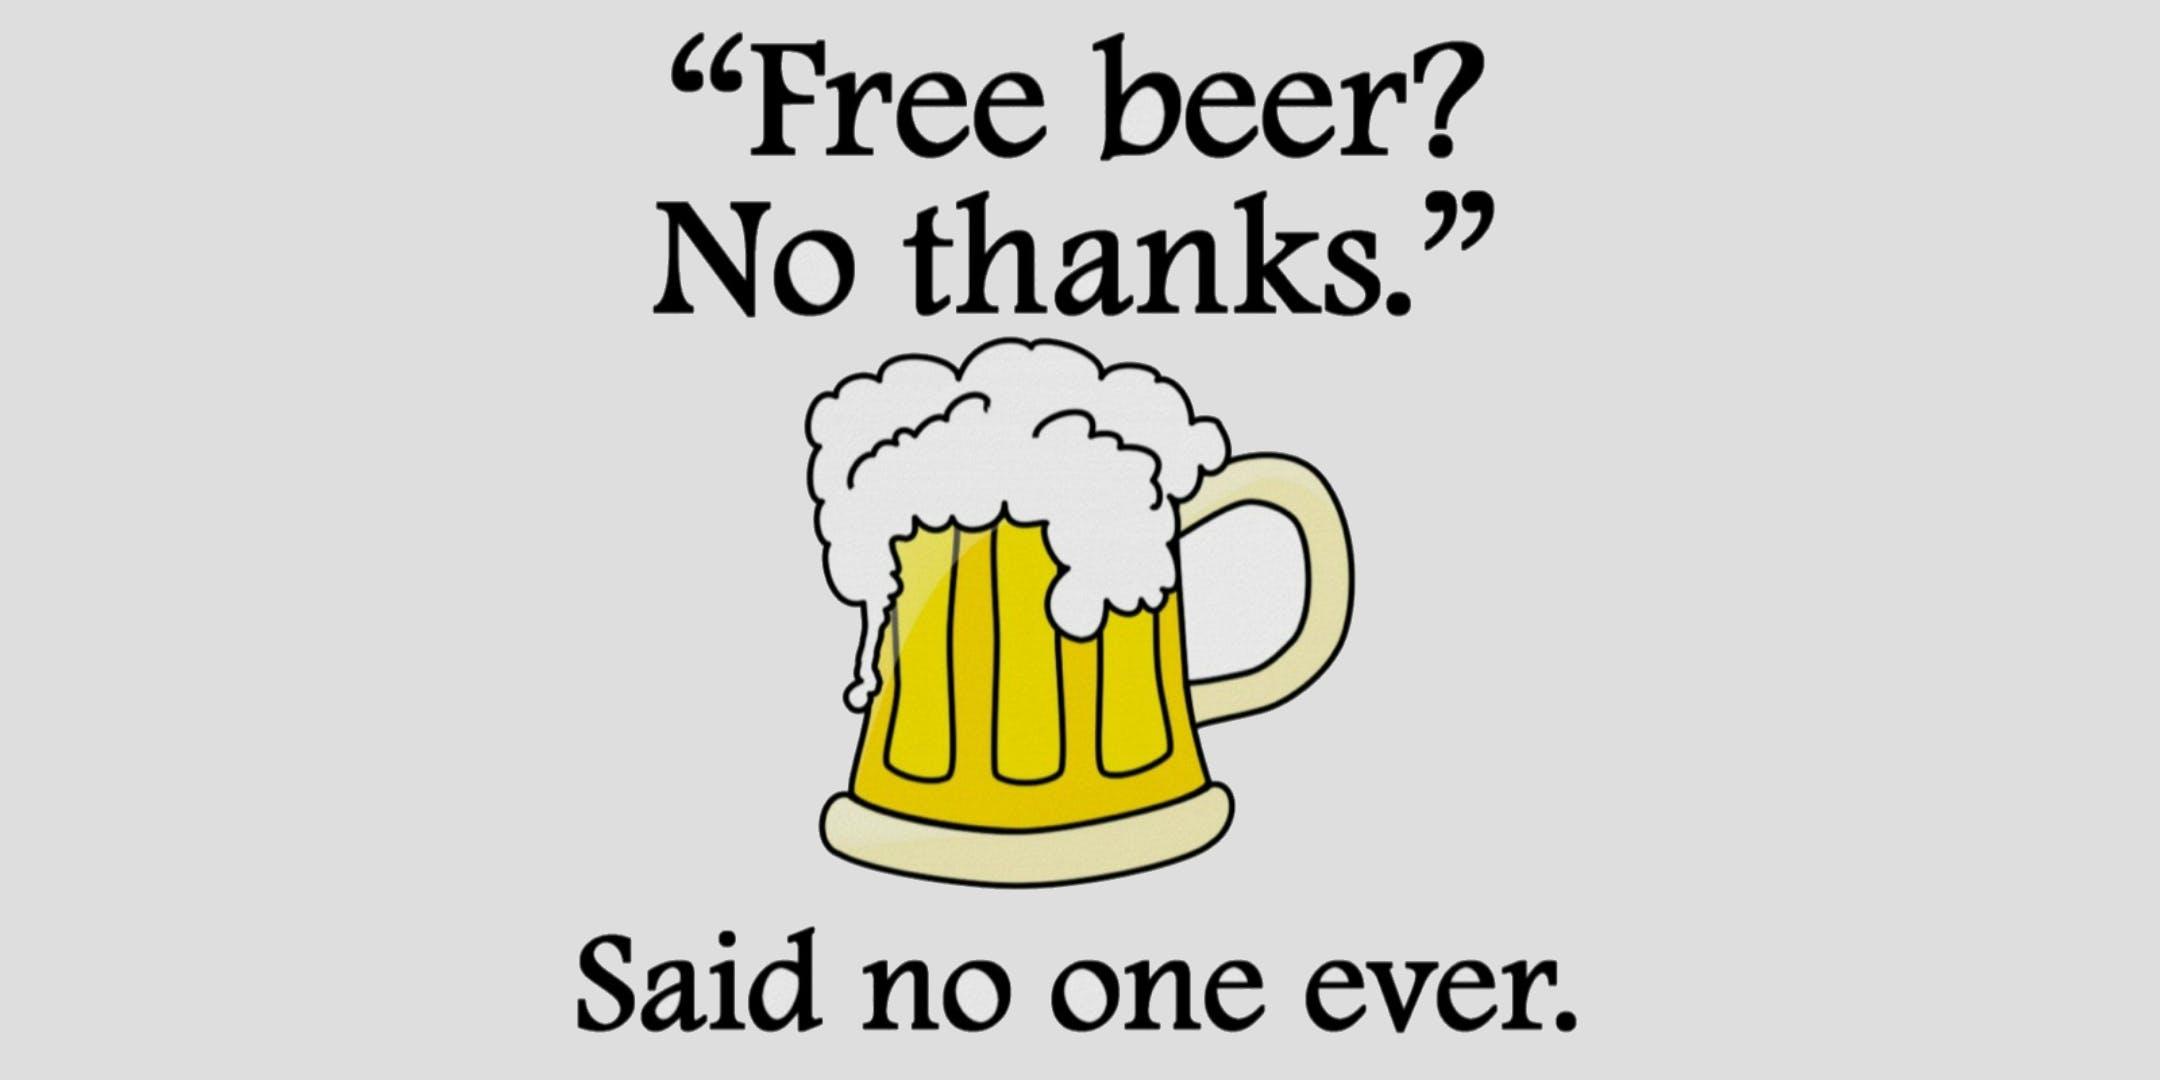 FREE BEER Mon - Weds